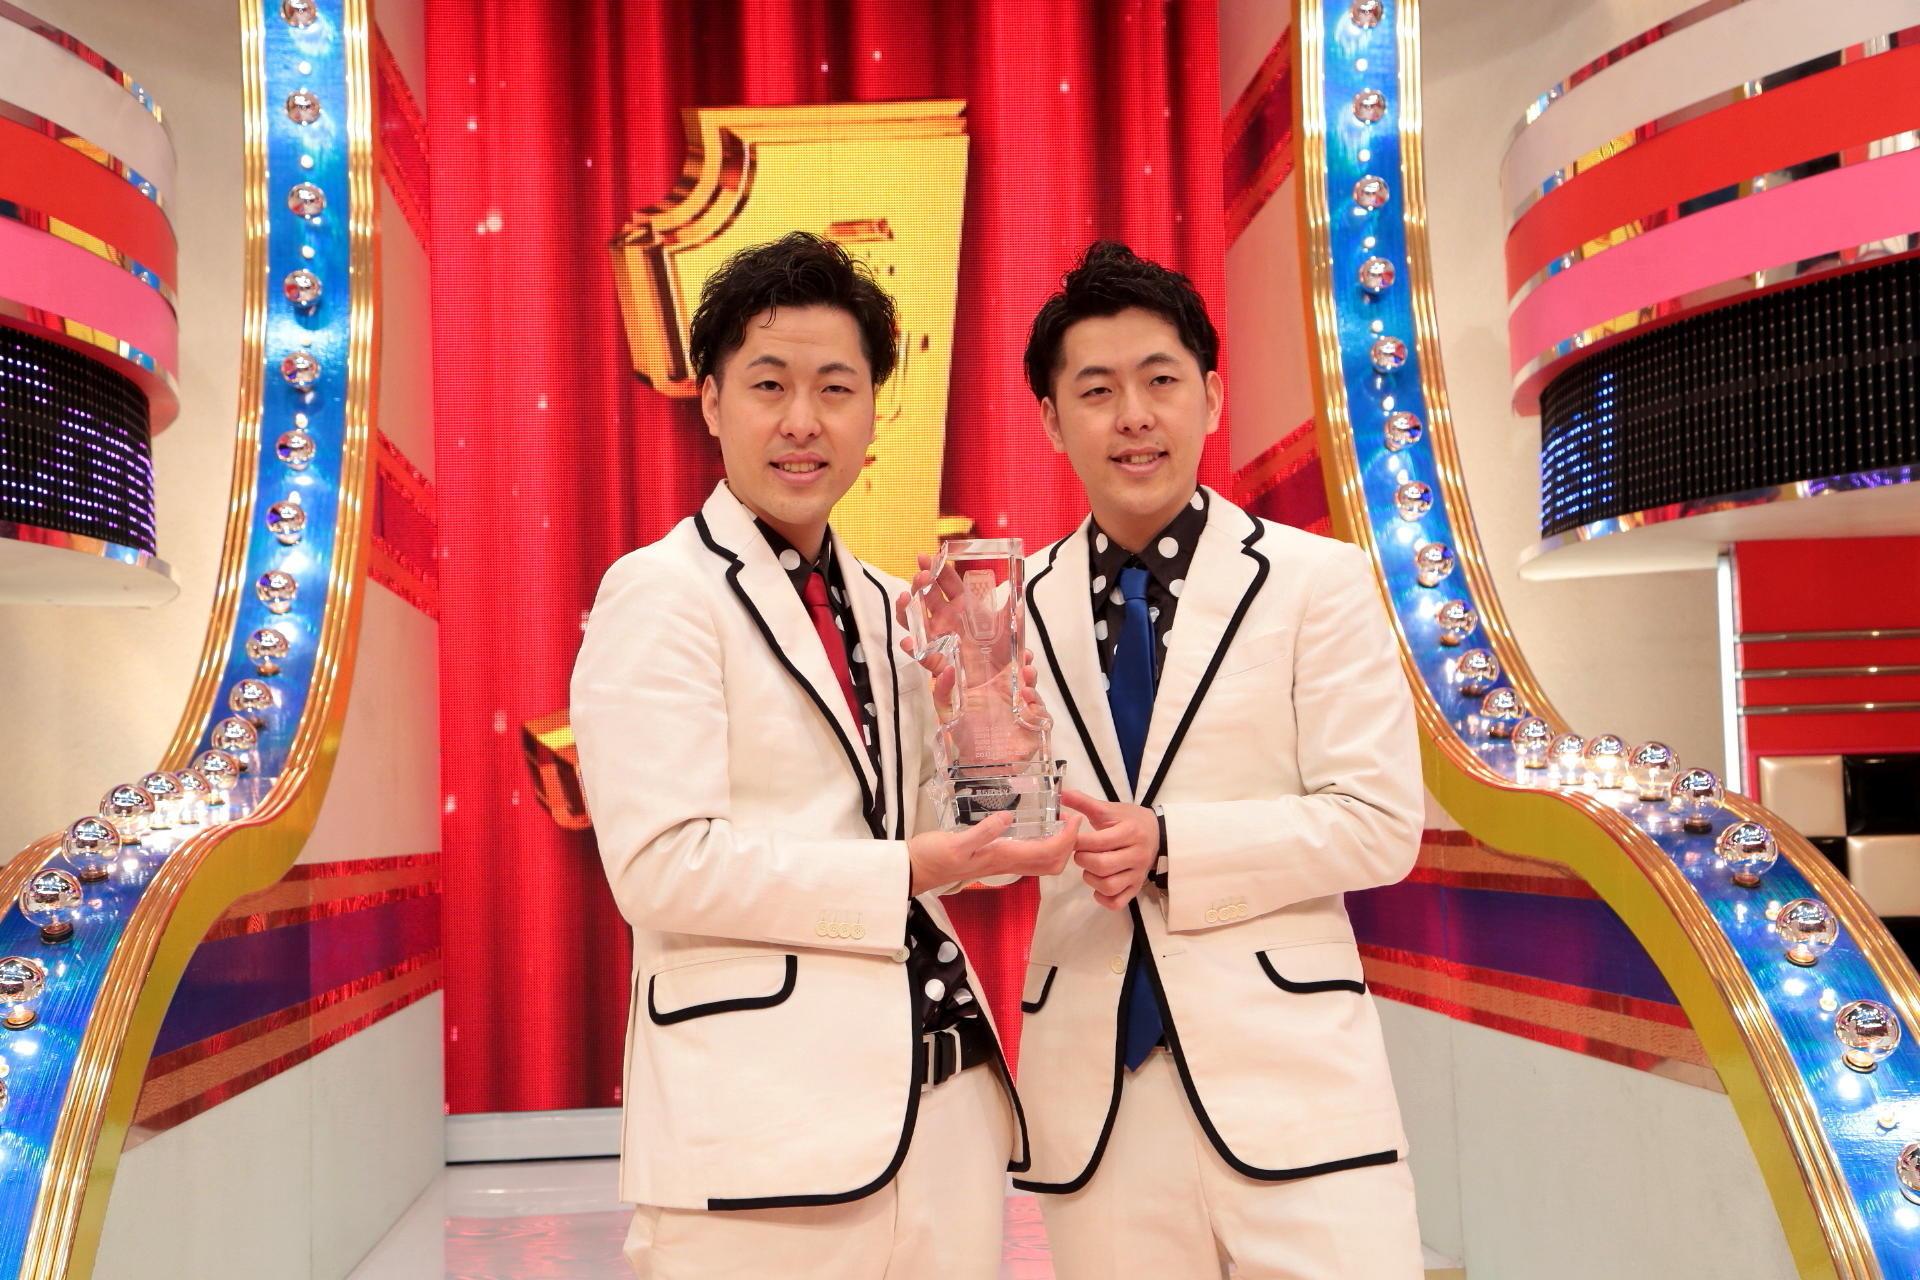 http://news.yoshimoto.co.jp/20170226202843-57fa6a0ede4c6aef2ac94a4fa4105763da5f184a.jpg